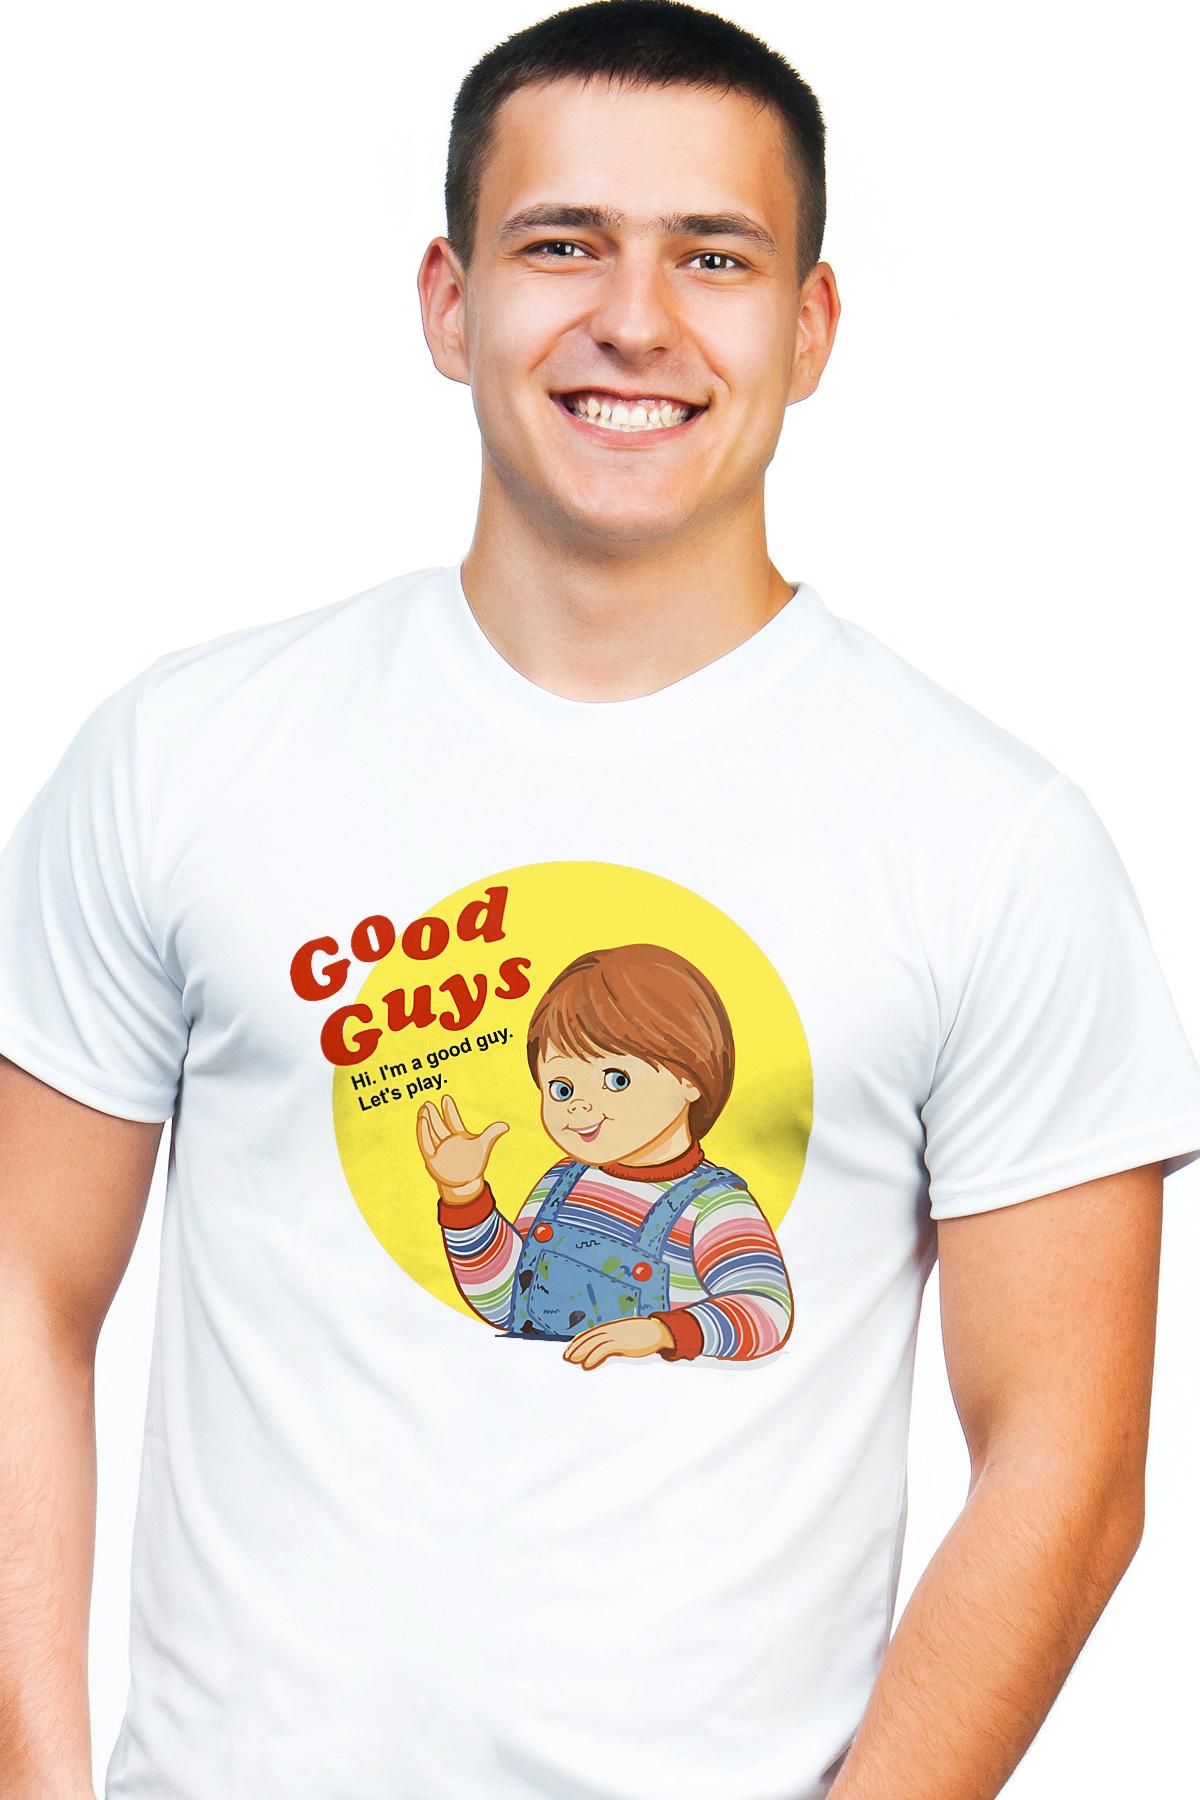 40a0c7cd8 I'm a good guy. Let's play. Child's Play - Chucky T-Shirt - 80's T-Shirt